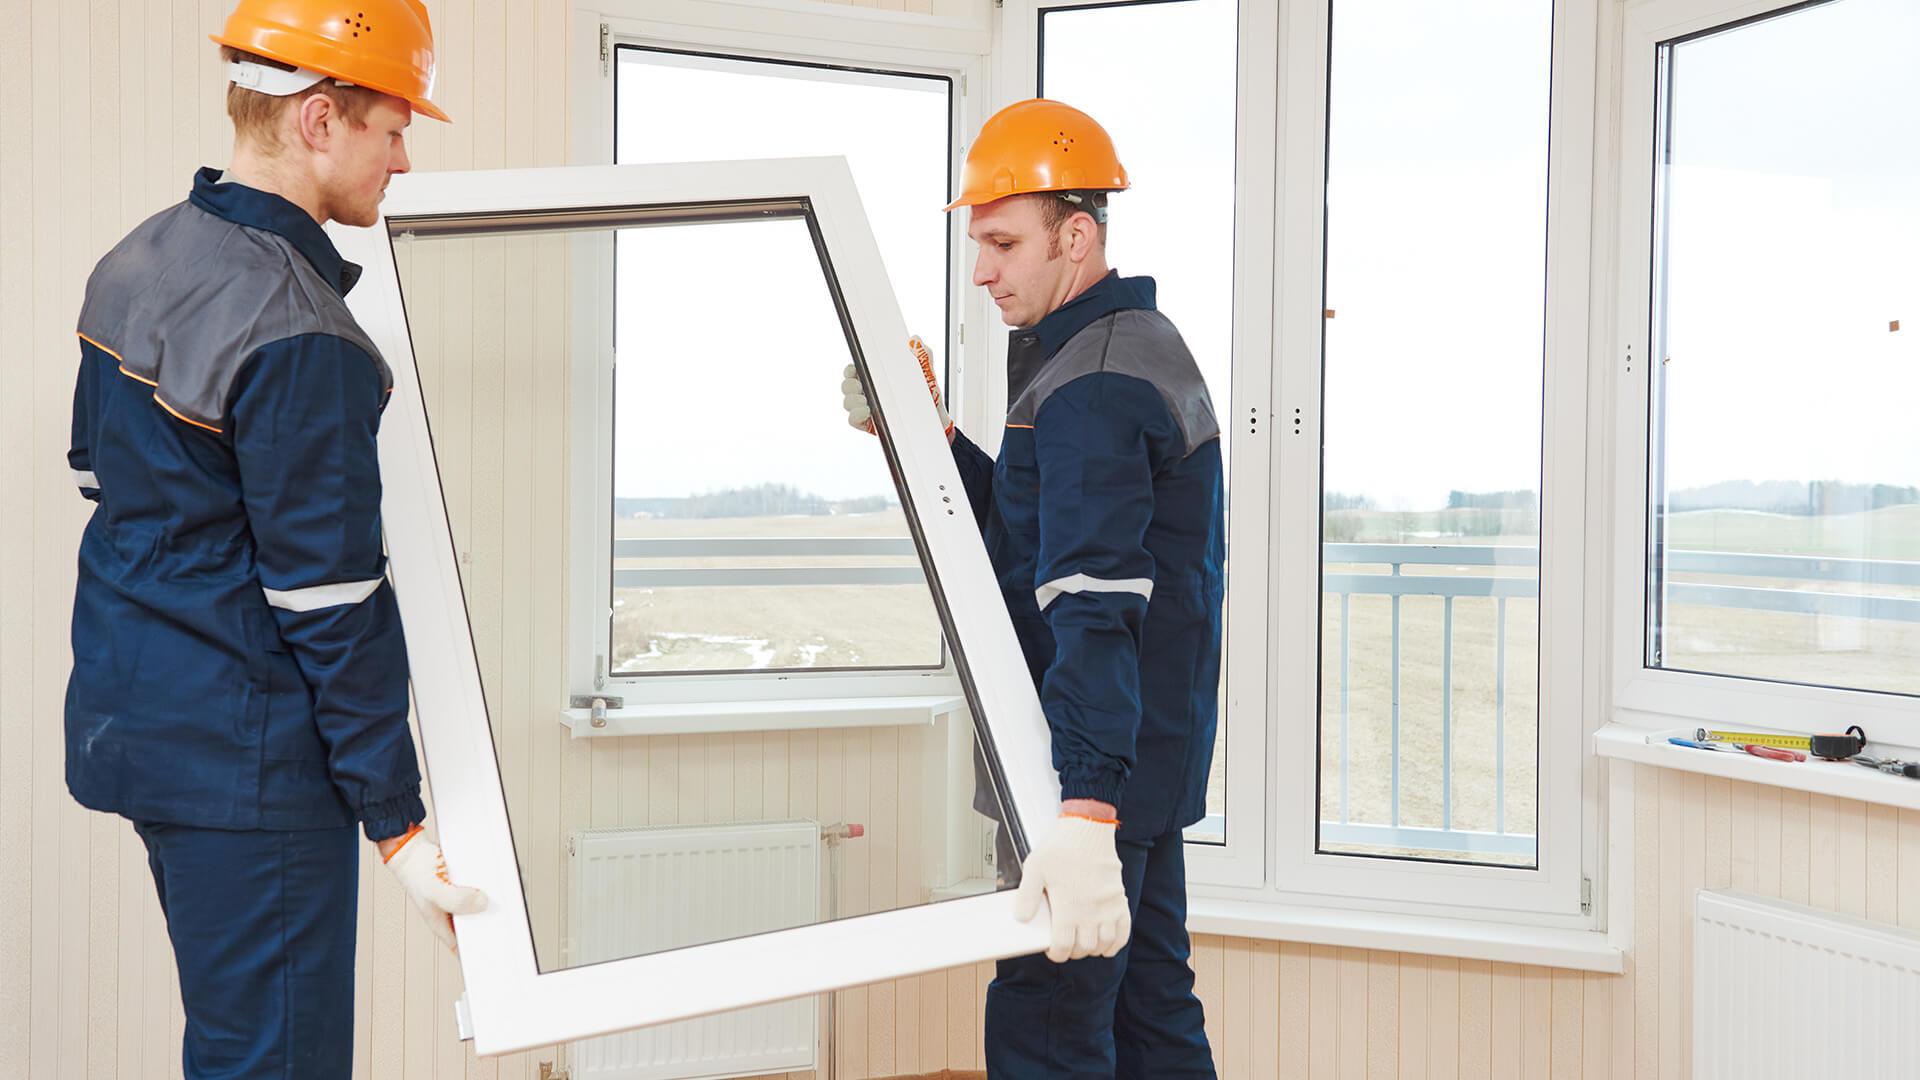 changement des fenêtres